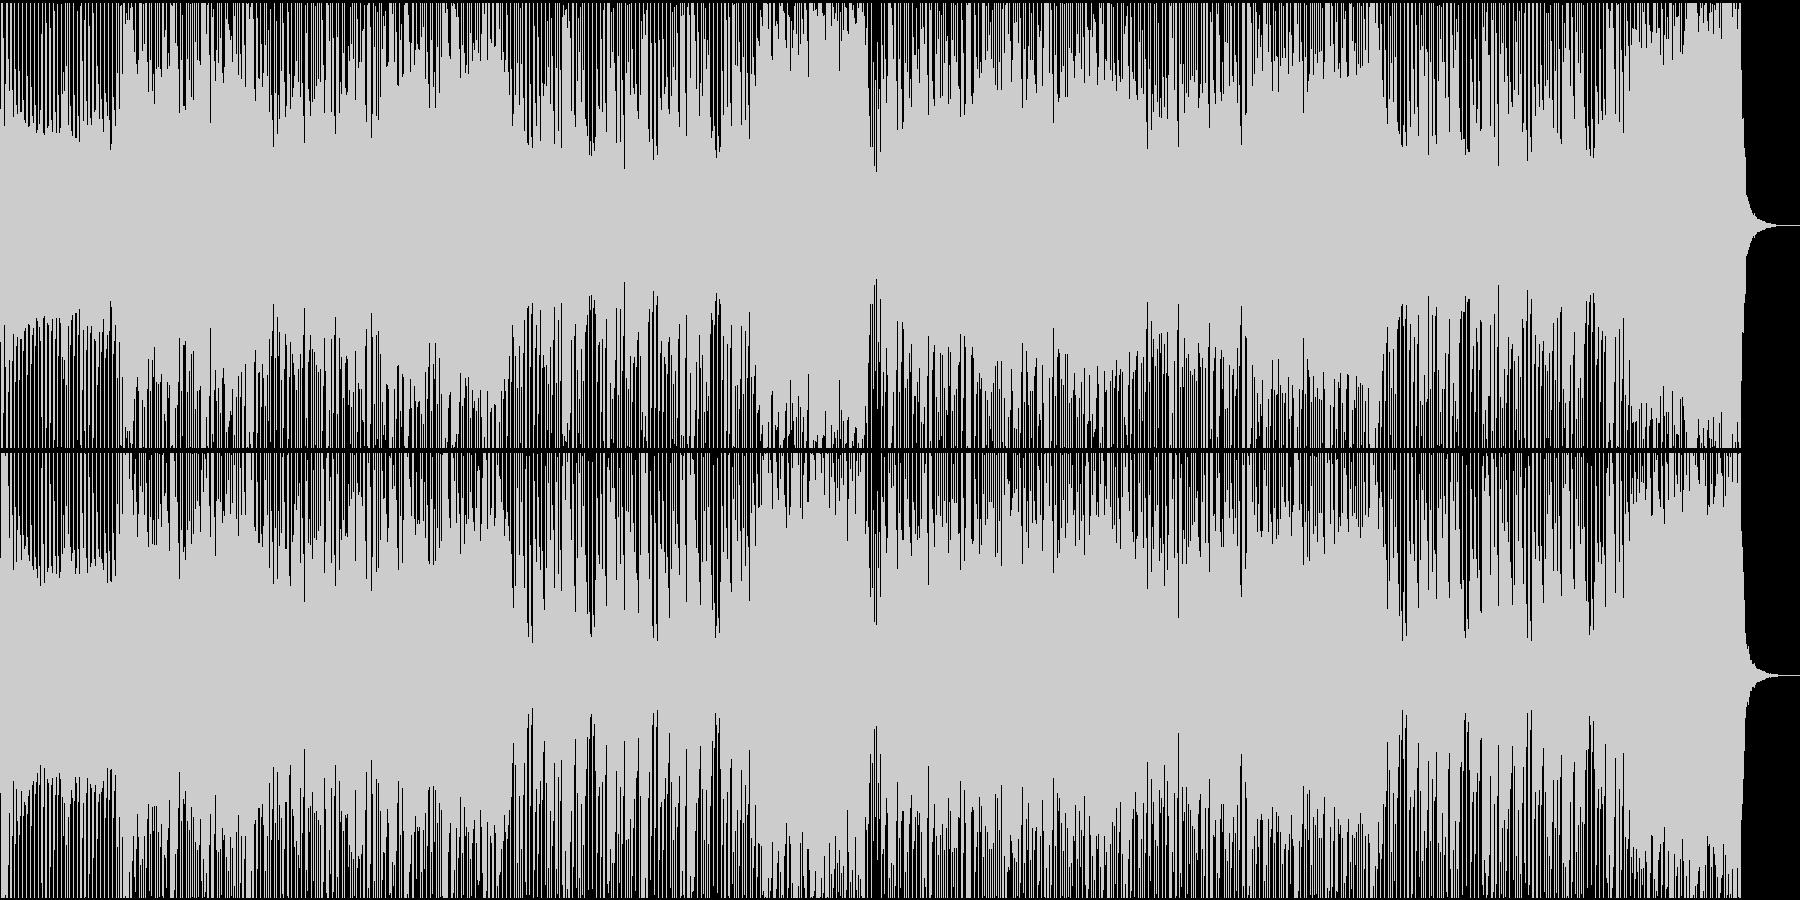 ロック/激しい/重い/シンセ/派手の未再生の波形